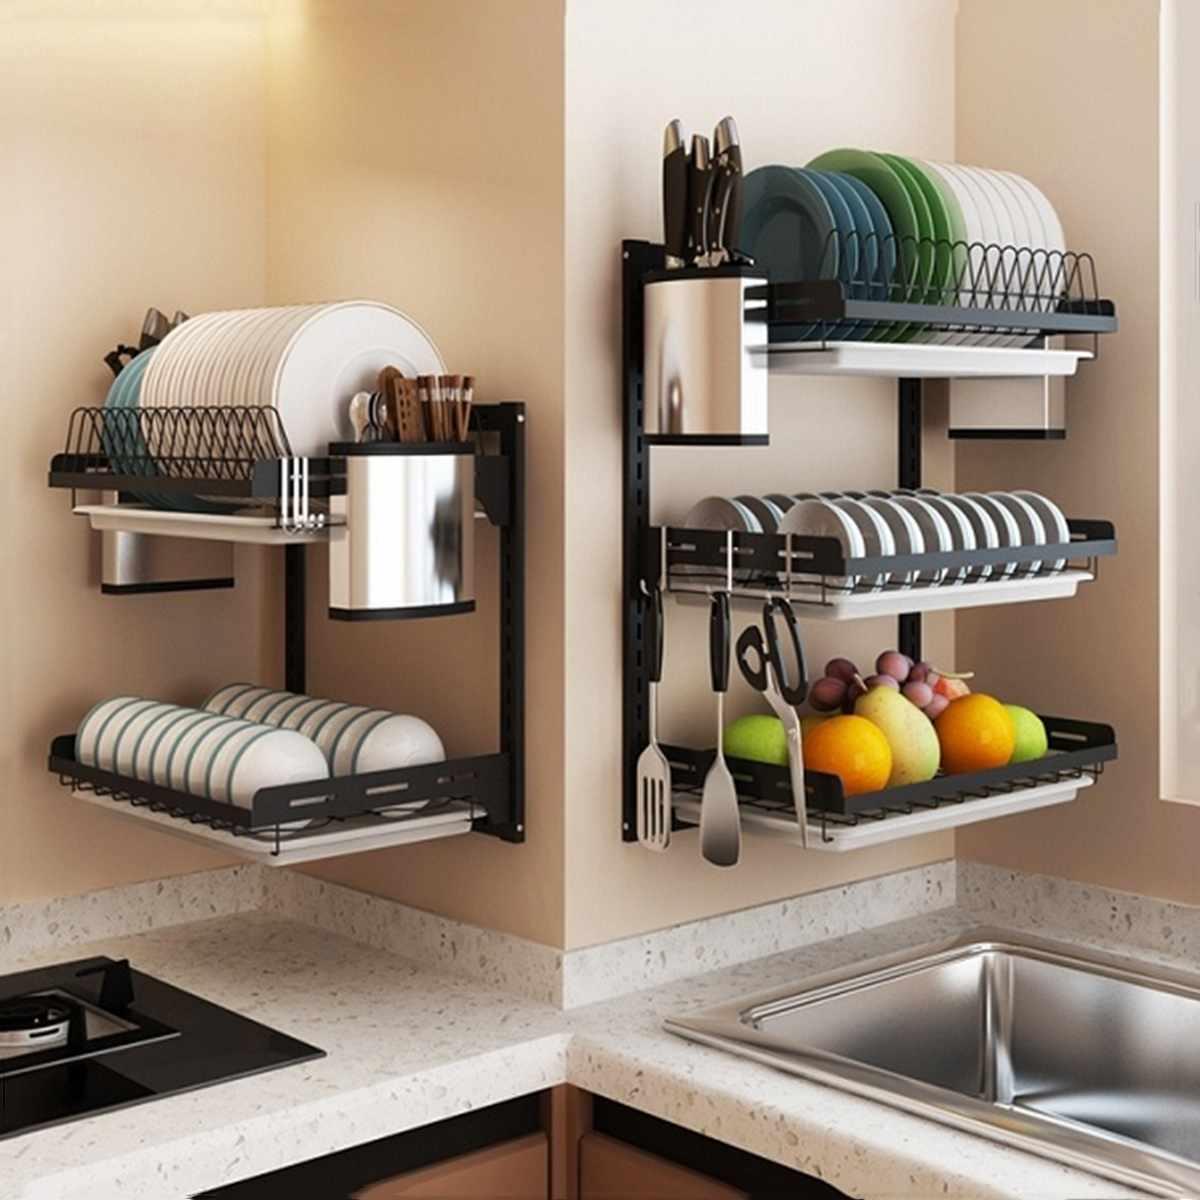 Sink Storage Dish Drying Rack Holder Drainer Kitchen Bathroom Storage Bags